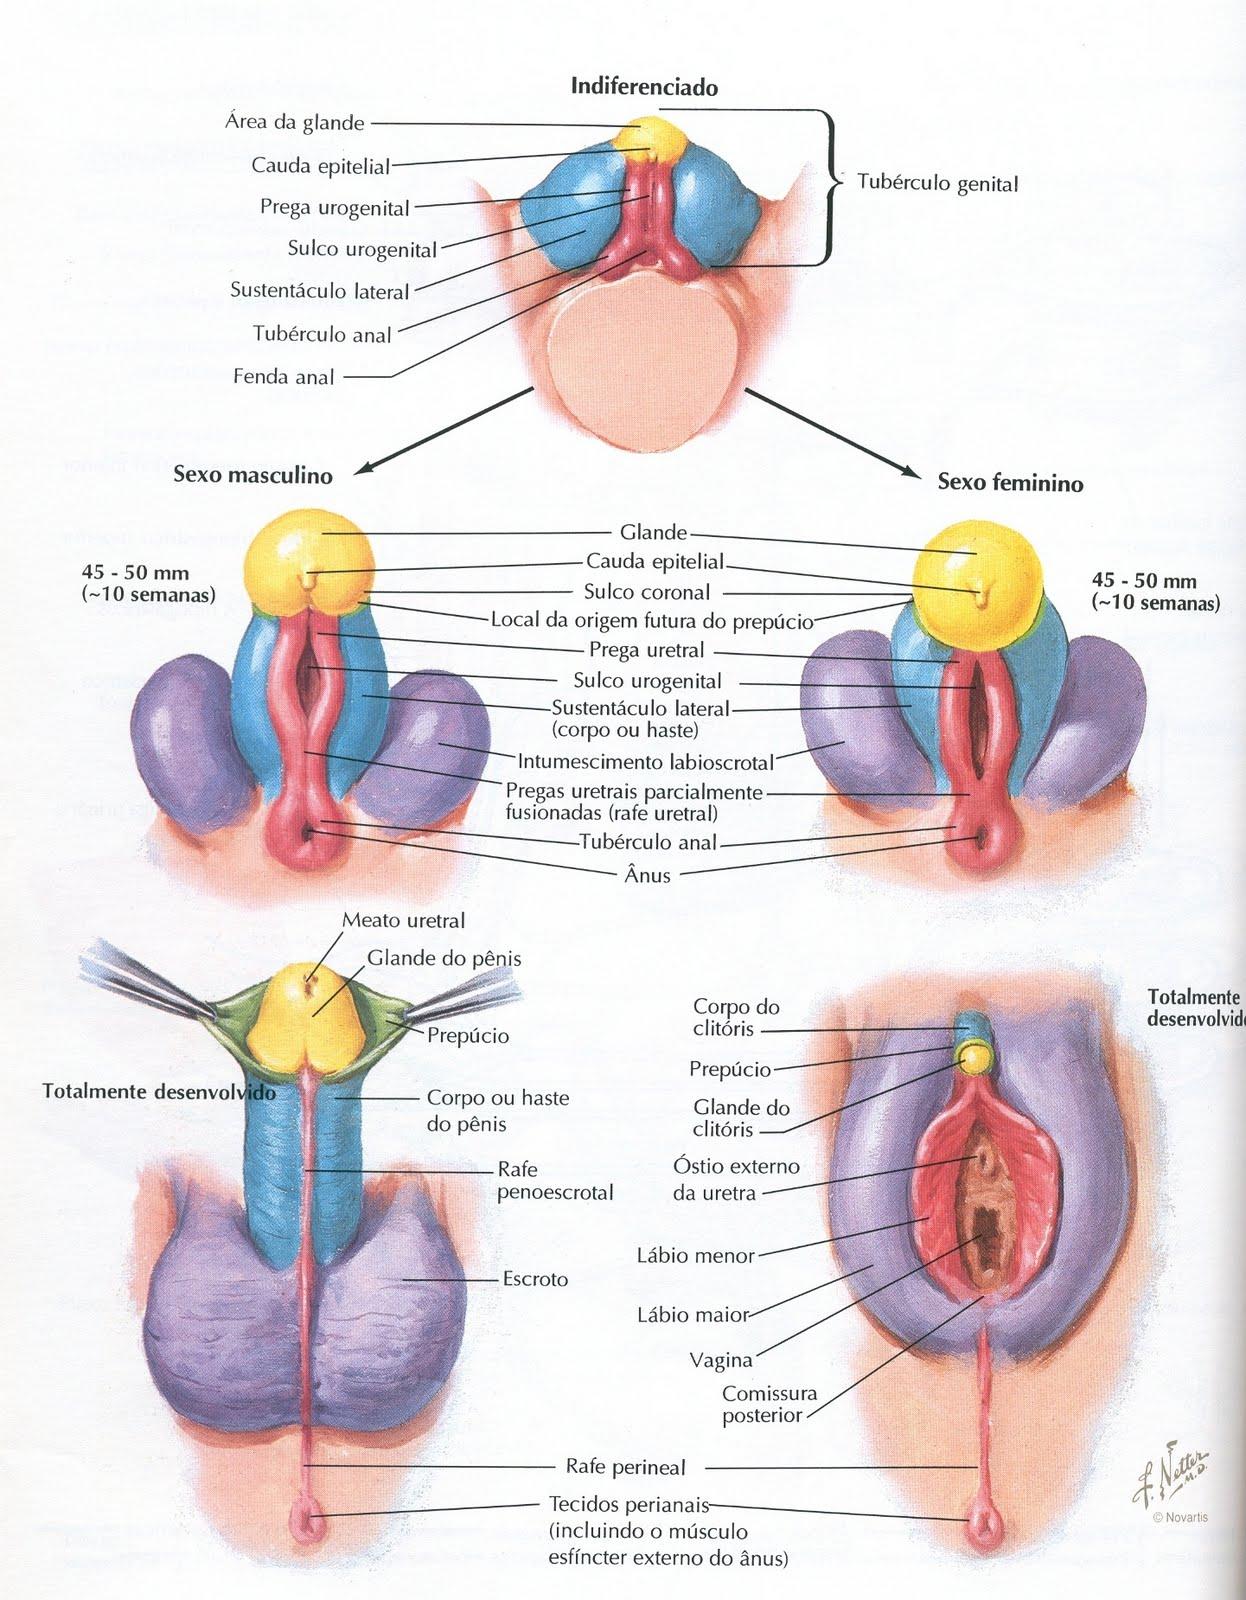 Arquivos H. Ellis, Sexualidade e Reprodução Humana: PÊNIS e VAGINA ...